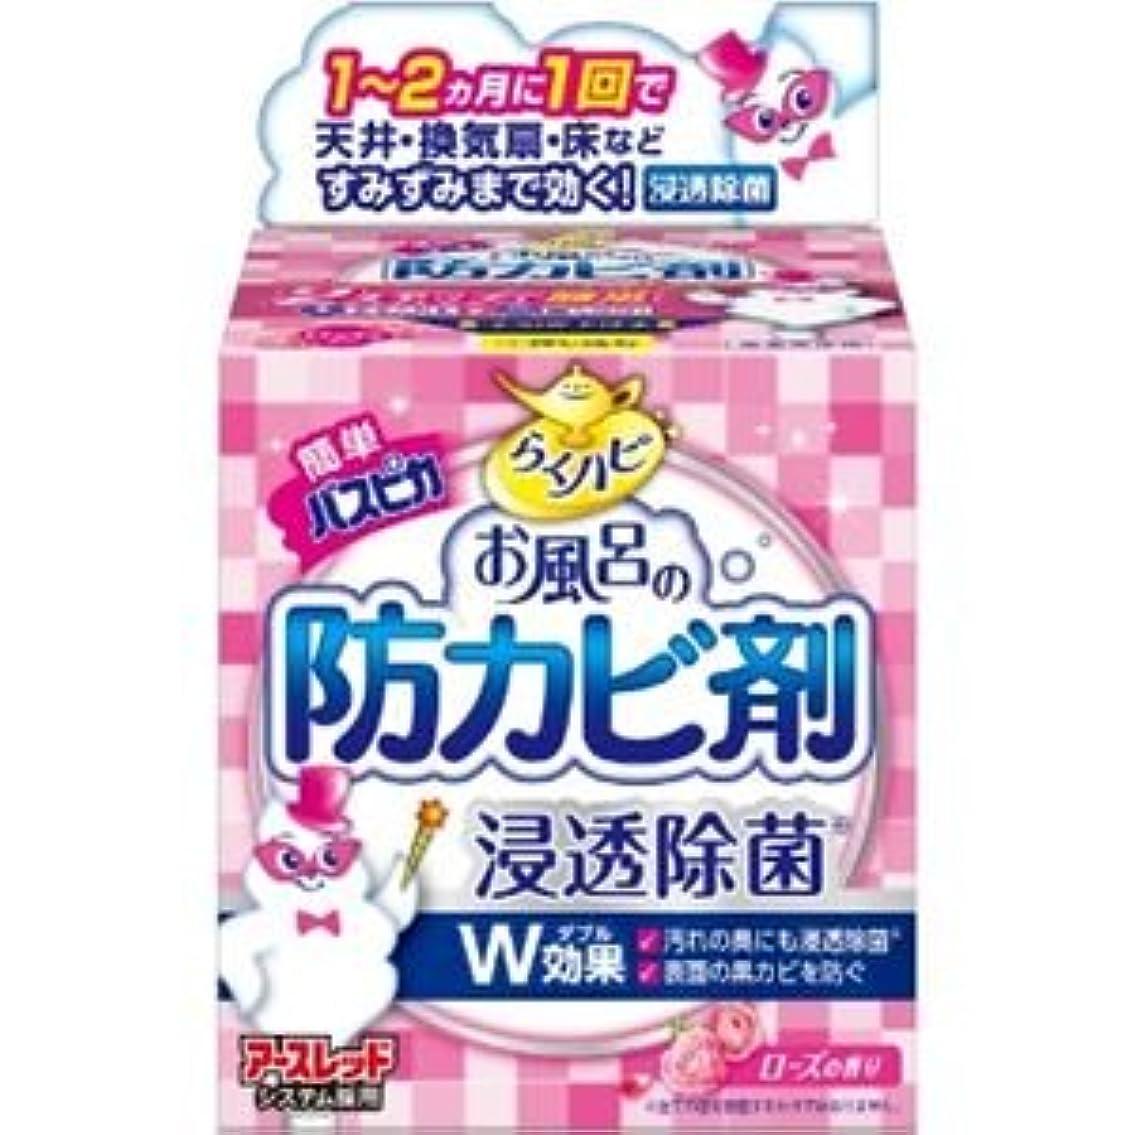 ブランク戸惑うラテン(まとめ)アース製薬 らくハピお風呂の防カビ剤ローズの香り 【×3点セット】